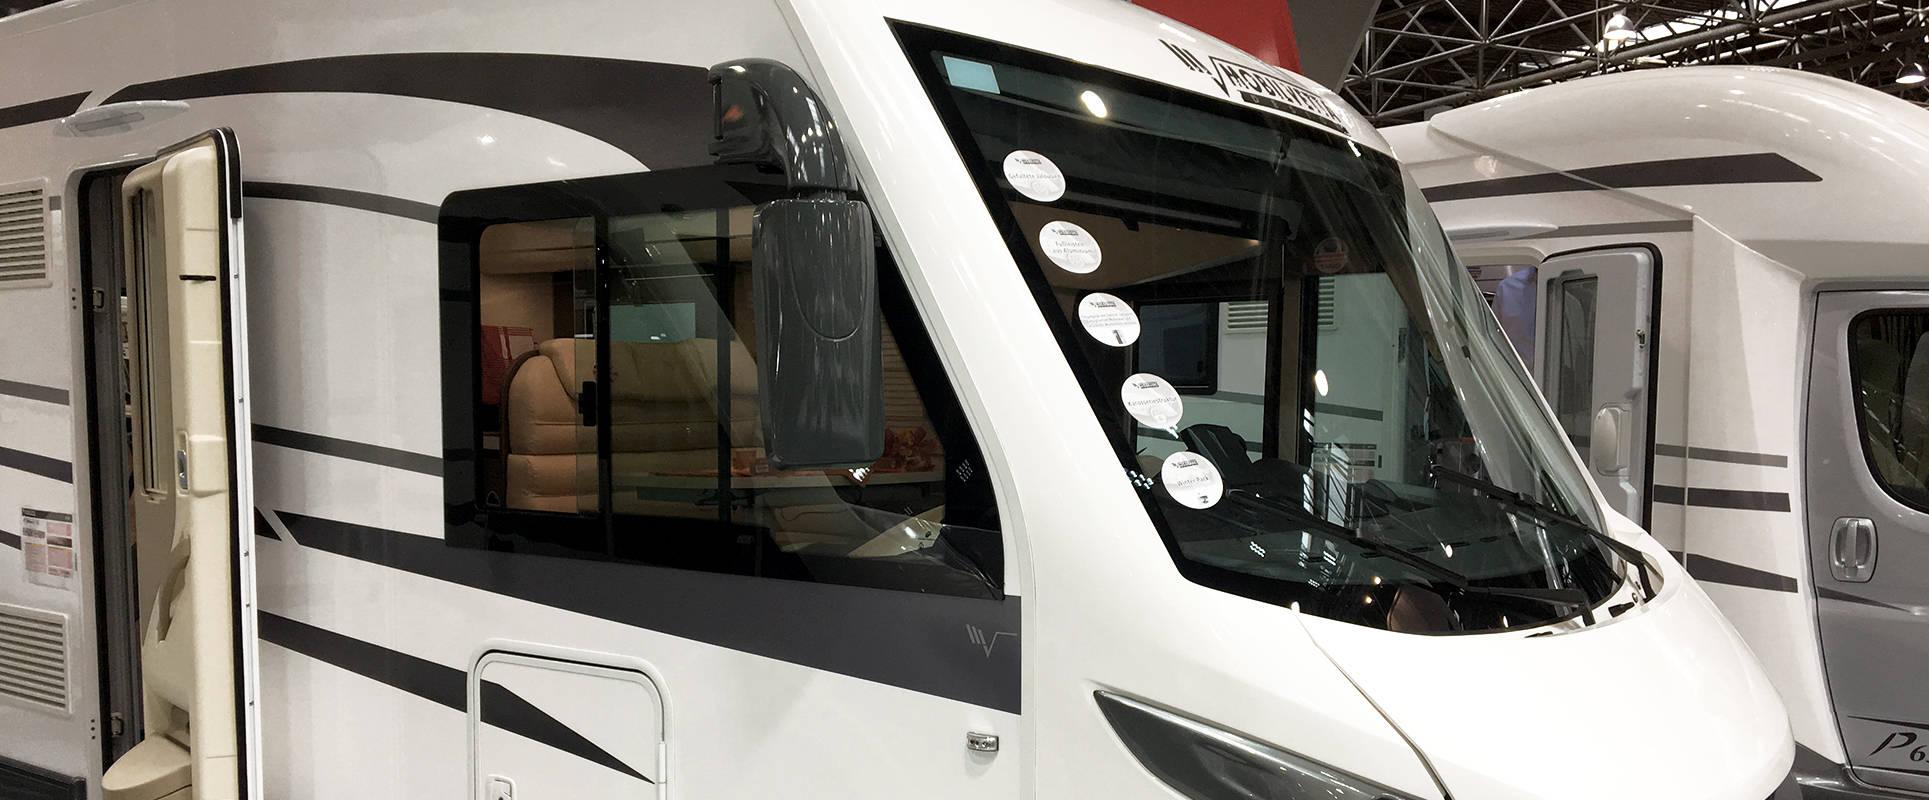 slide-caravan1